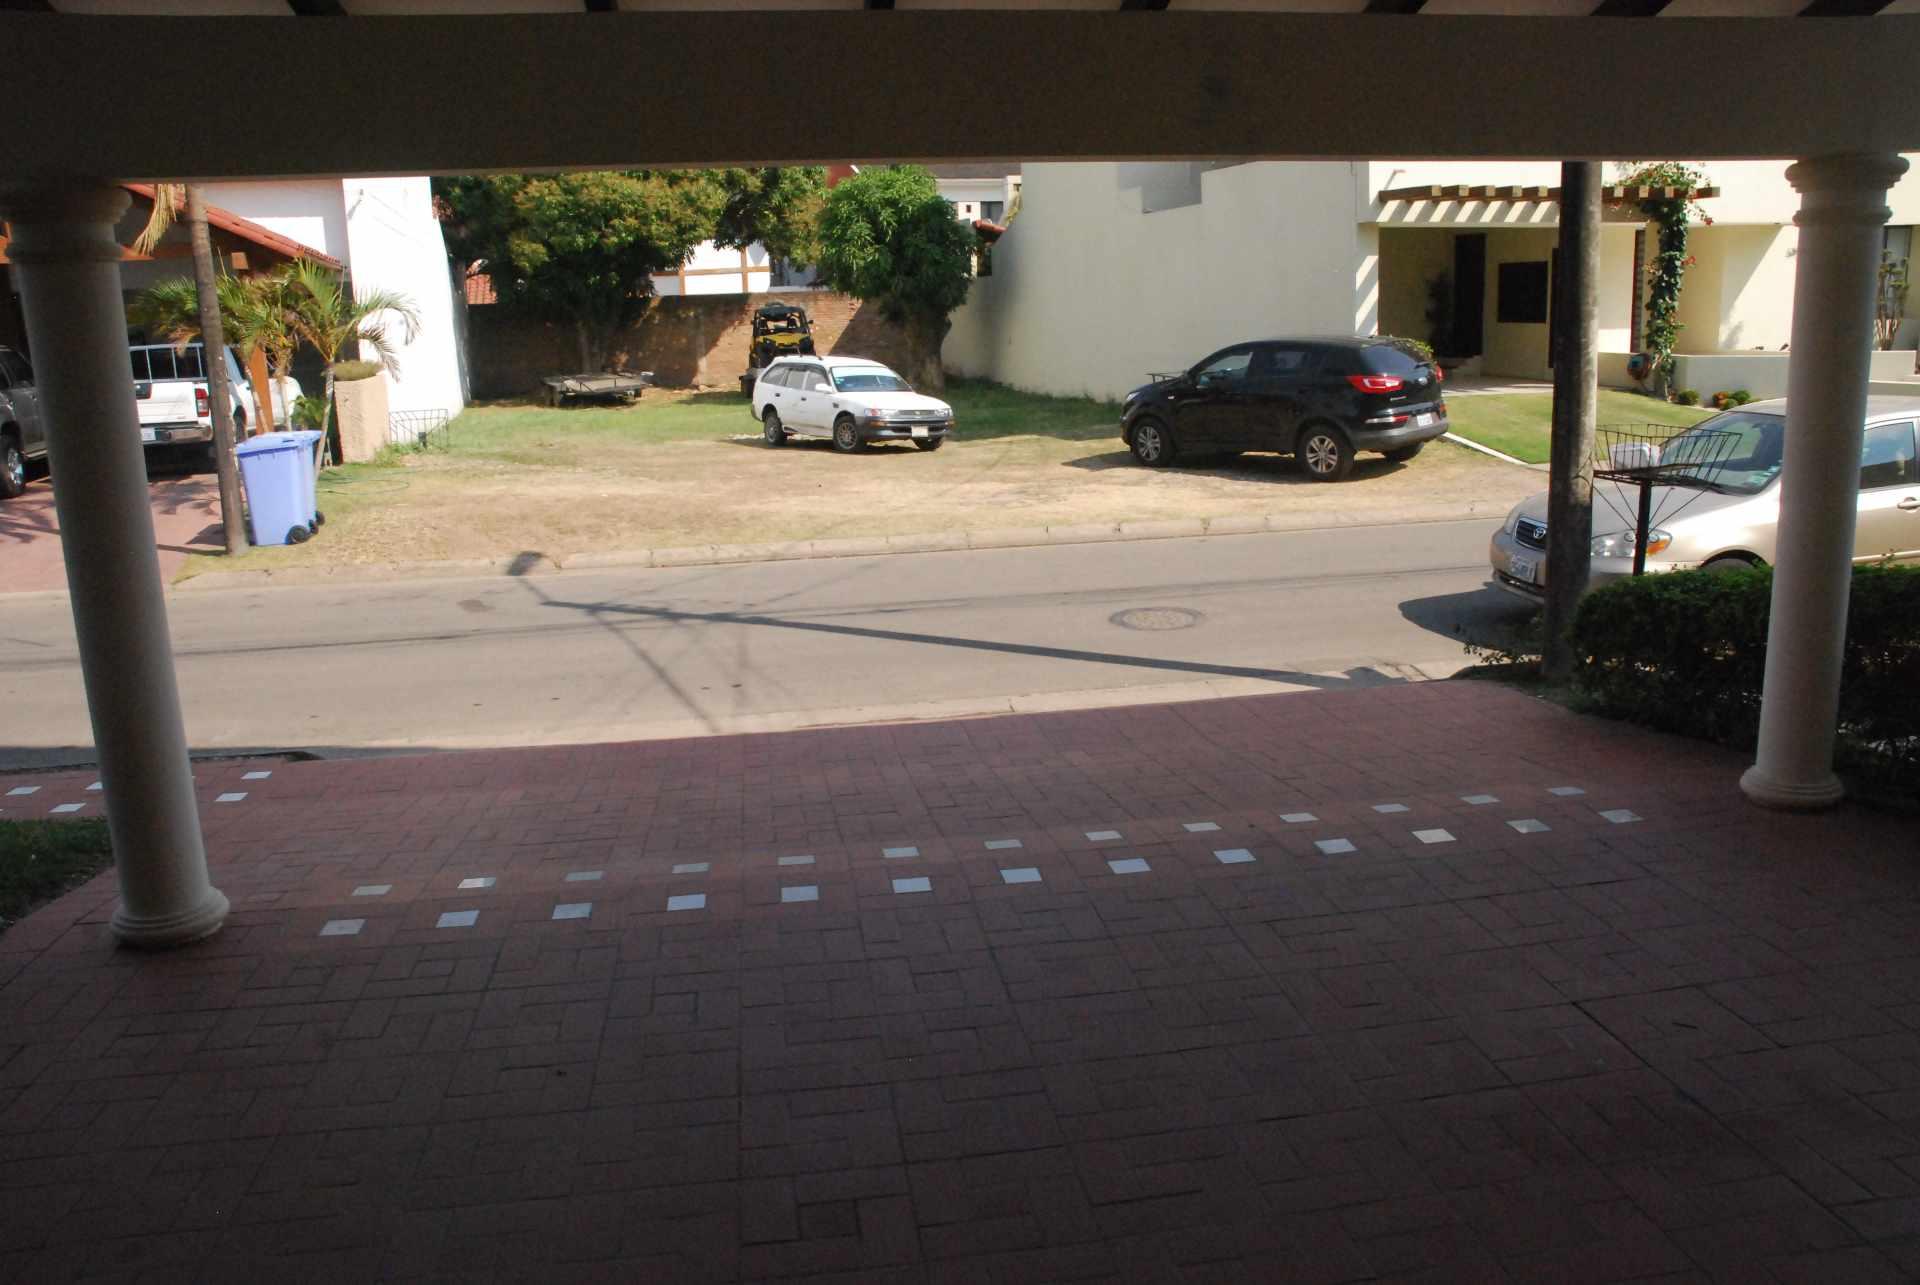 Casa en Alquiler Condominio Barrio Norte , al lado del Mall Las Brisas, 4to anillo Avenida Banzer. Foto 4